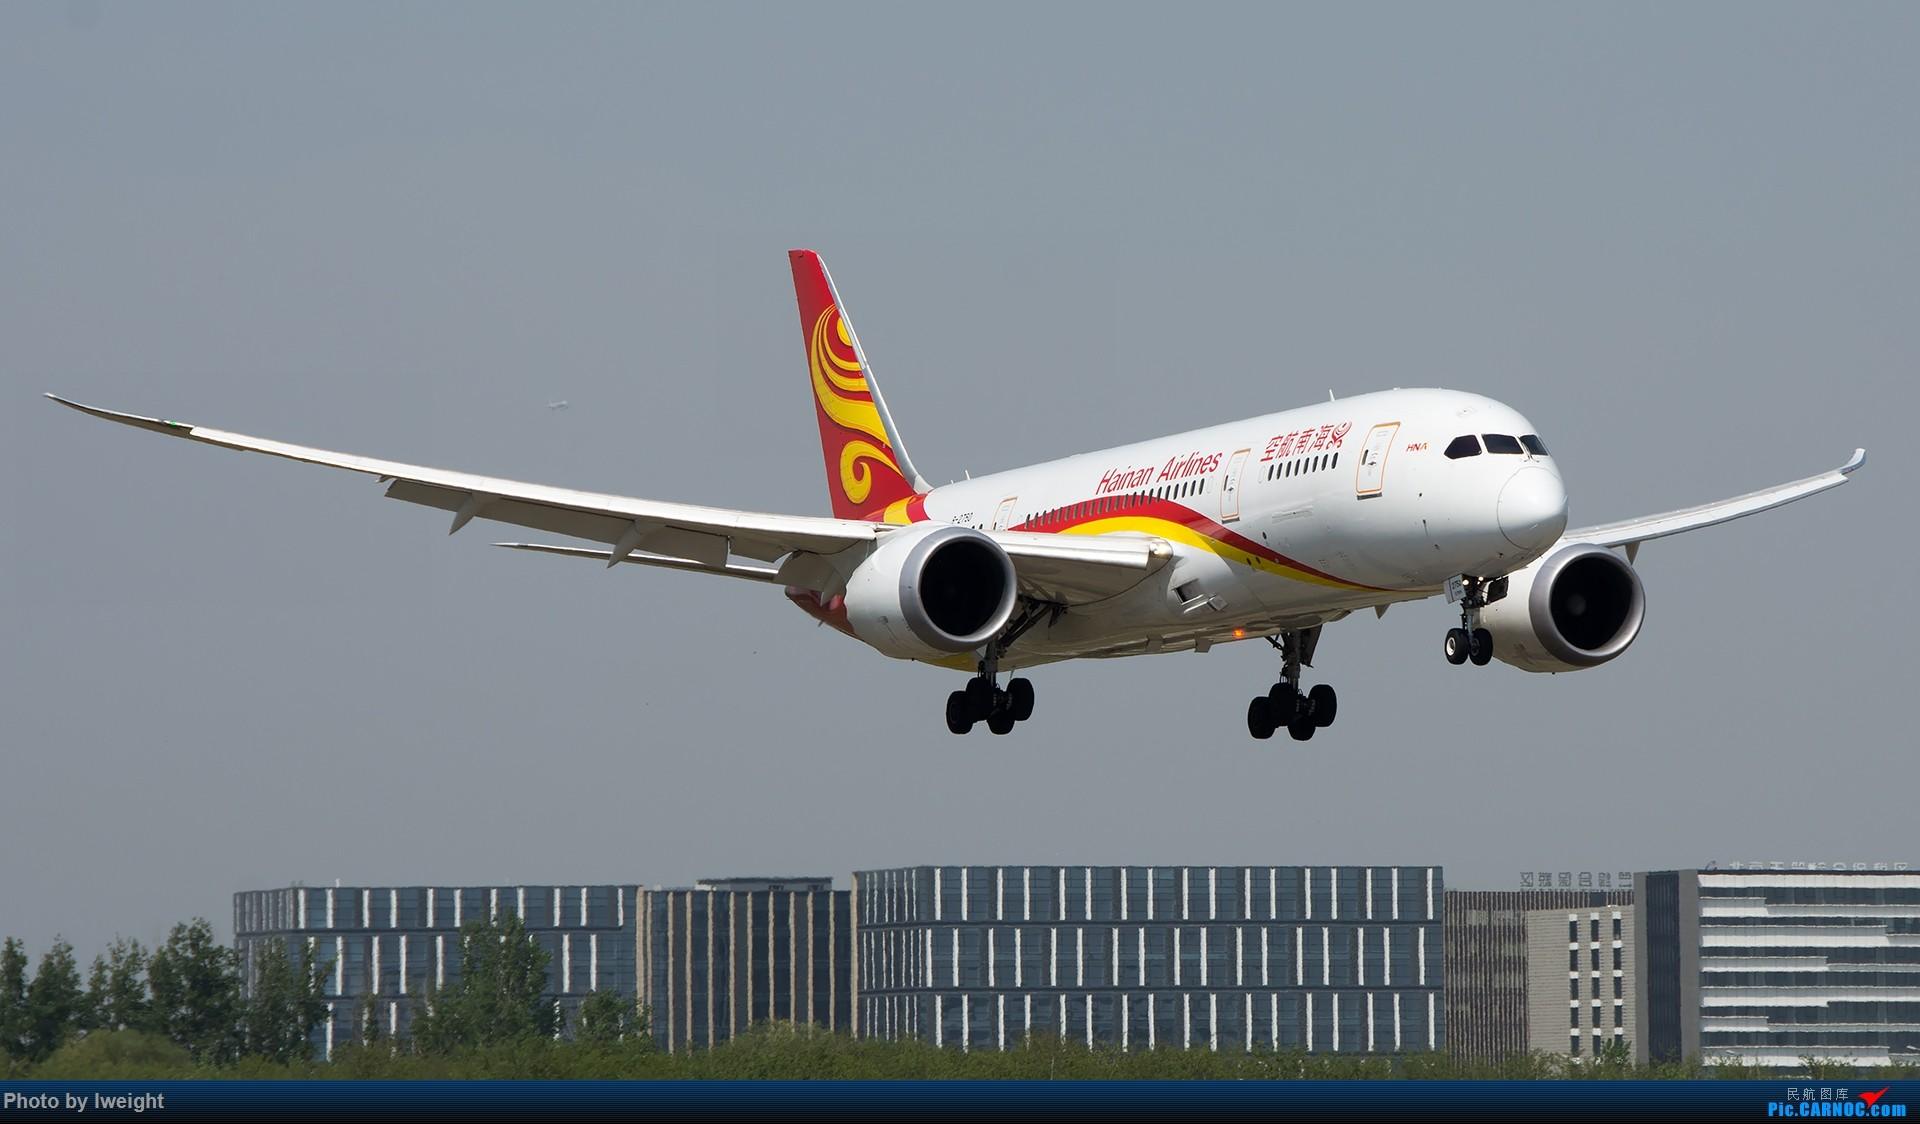 Re:[原创]天气晴朗,继续守候18R【多图】 BOEING 787-8 B-2750 中国北京首都国际机场